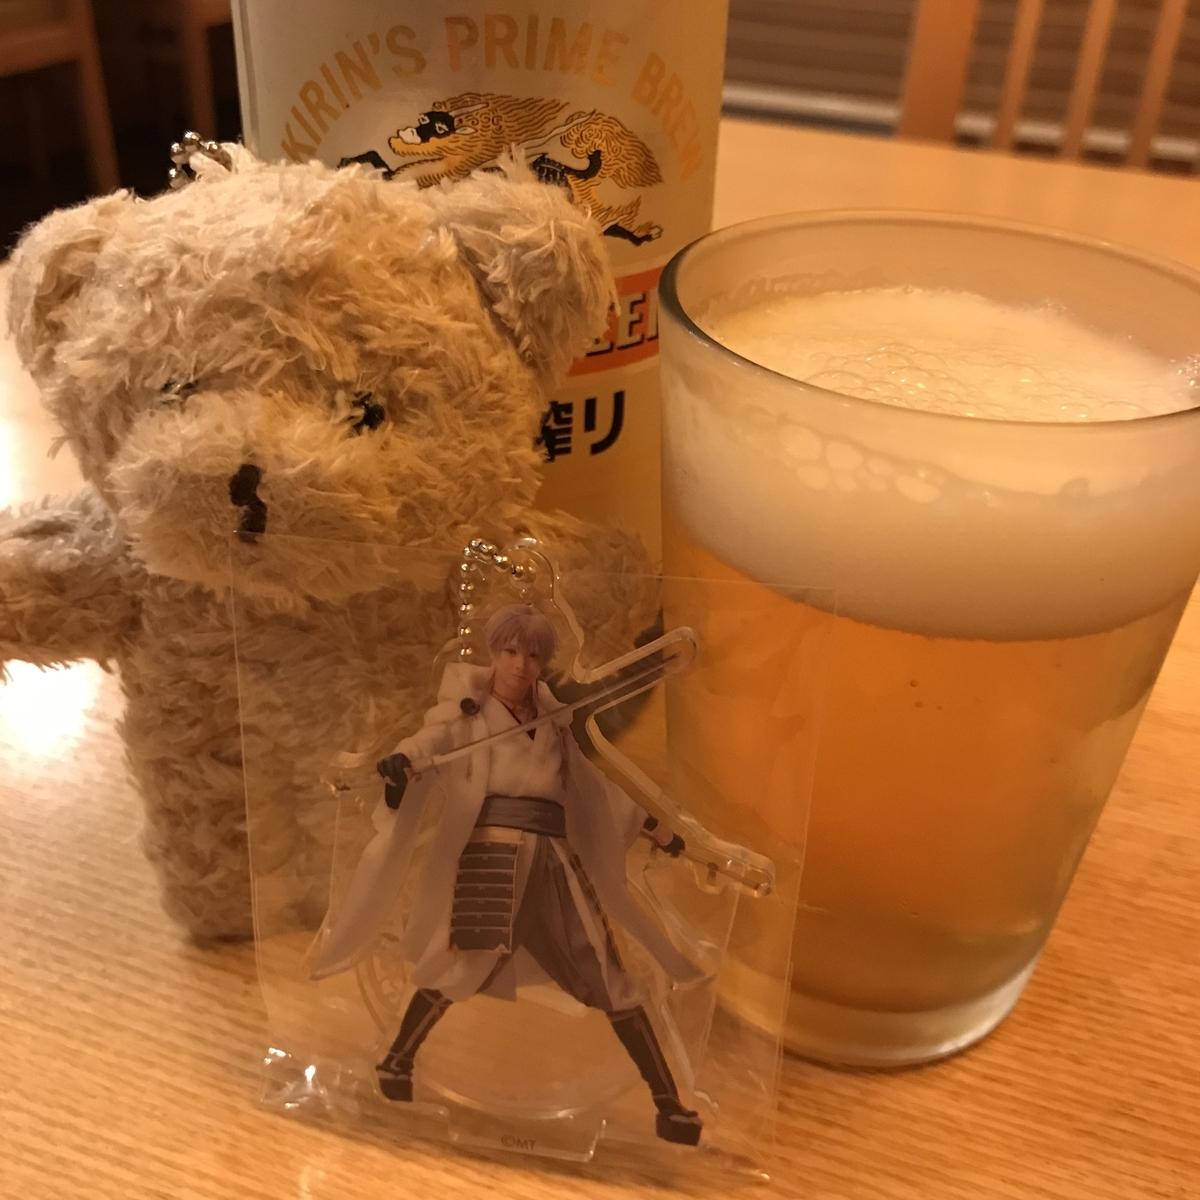 葵咲本紀鶴丸アクスタとビール